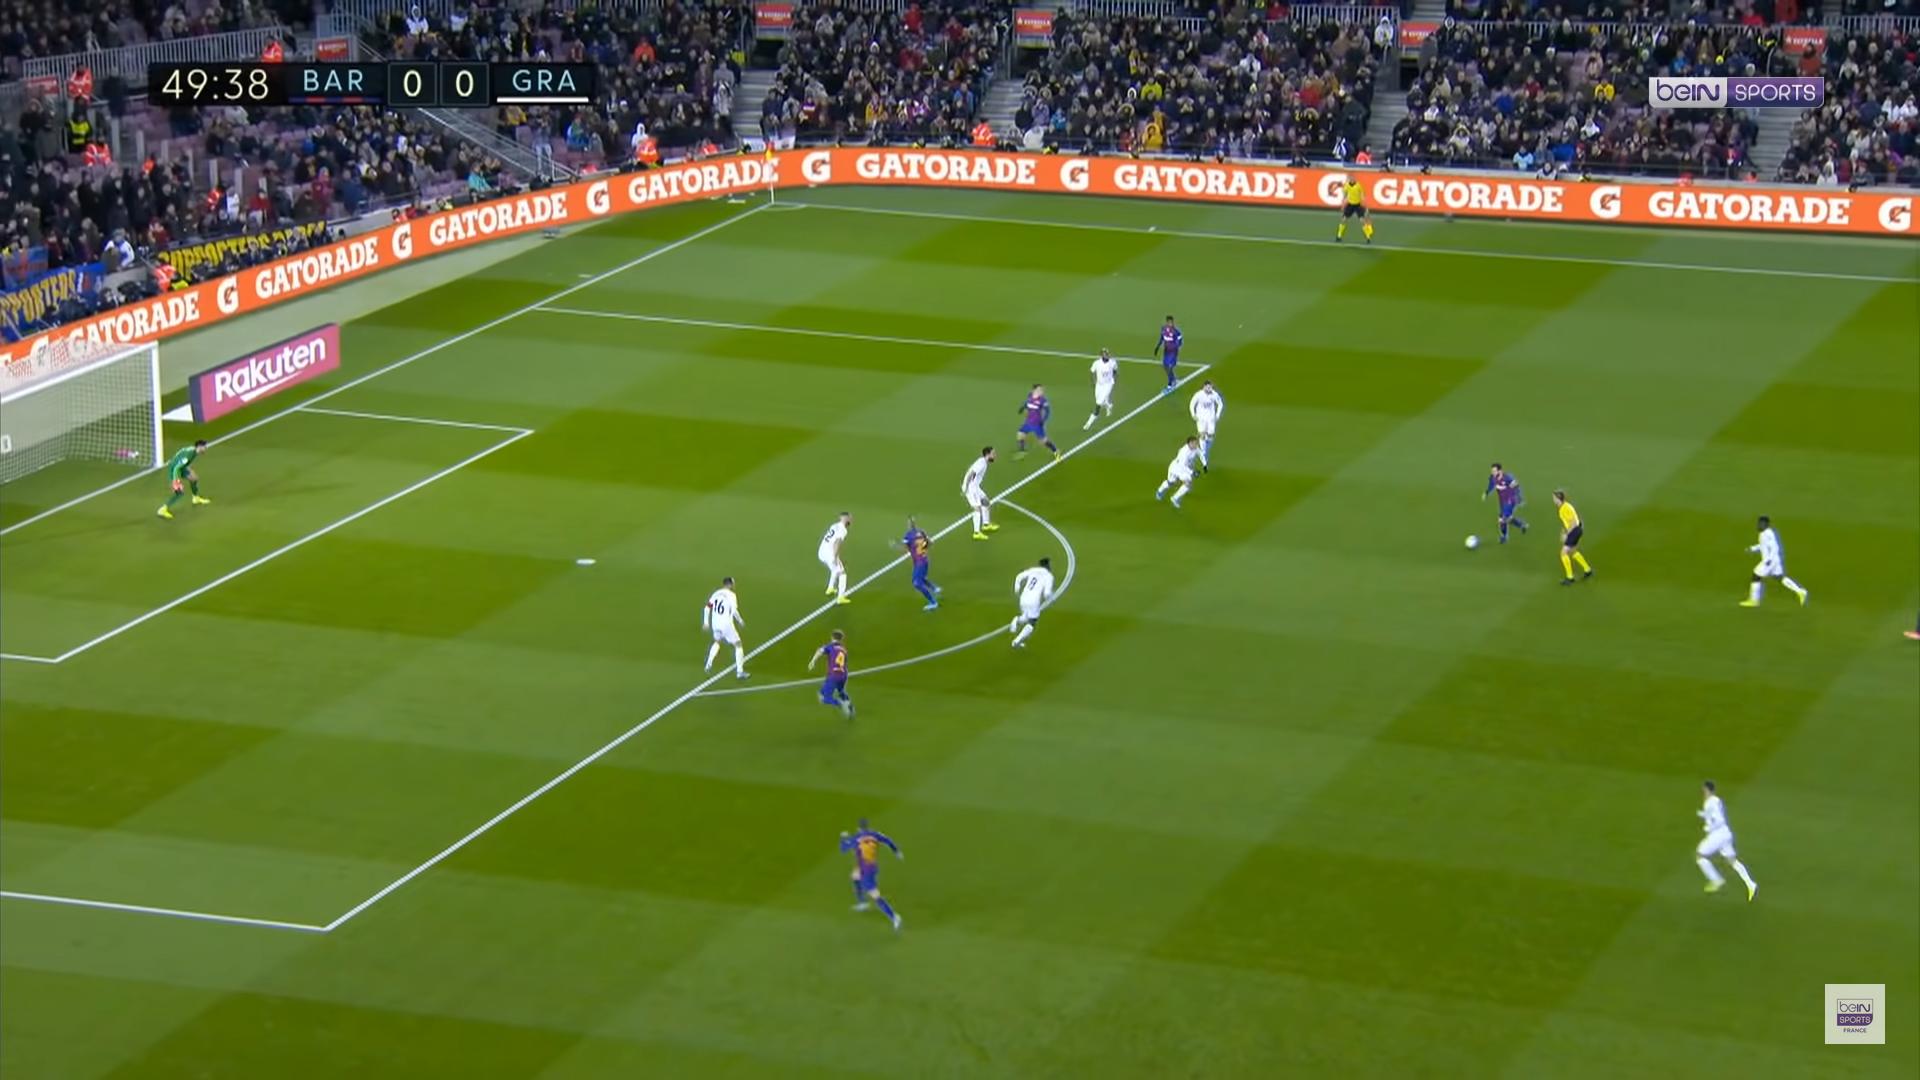 Pourquoi Riqui Puig a tout pour être l'avenir du Barça